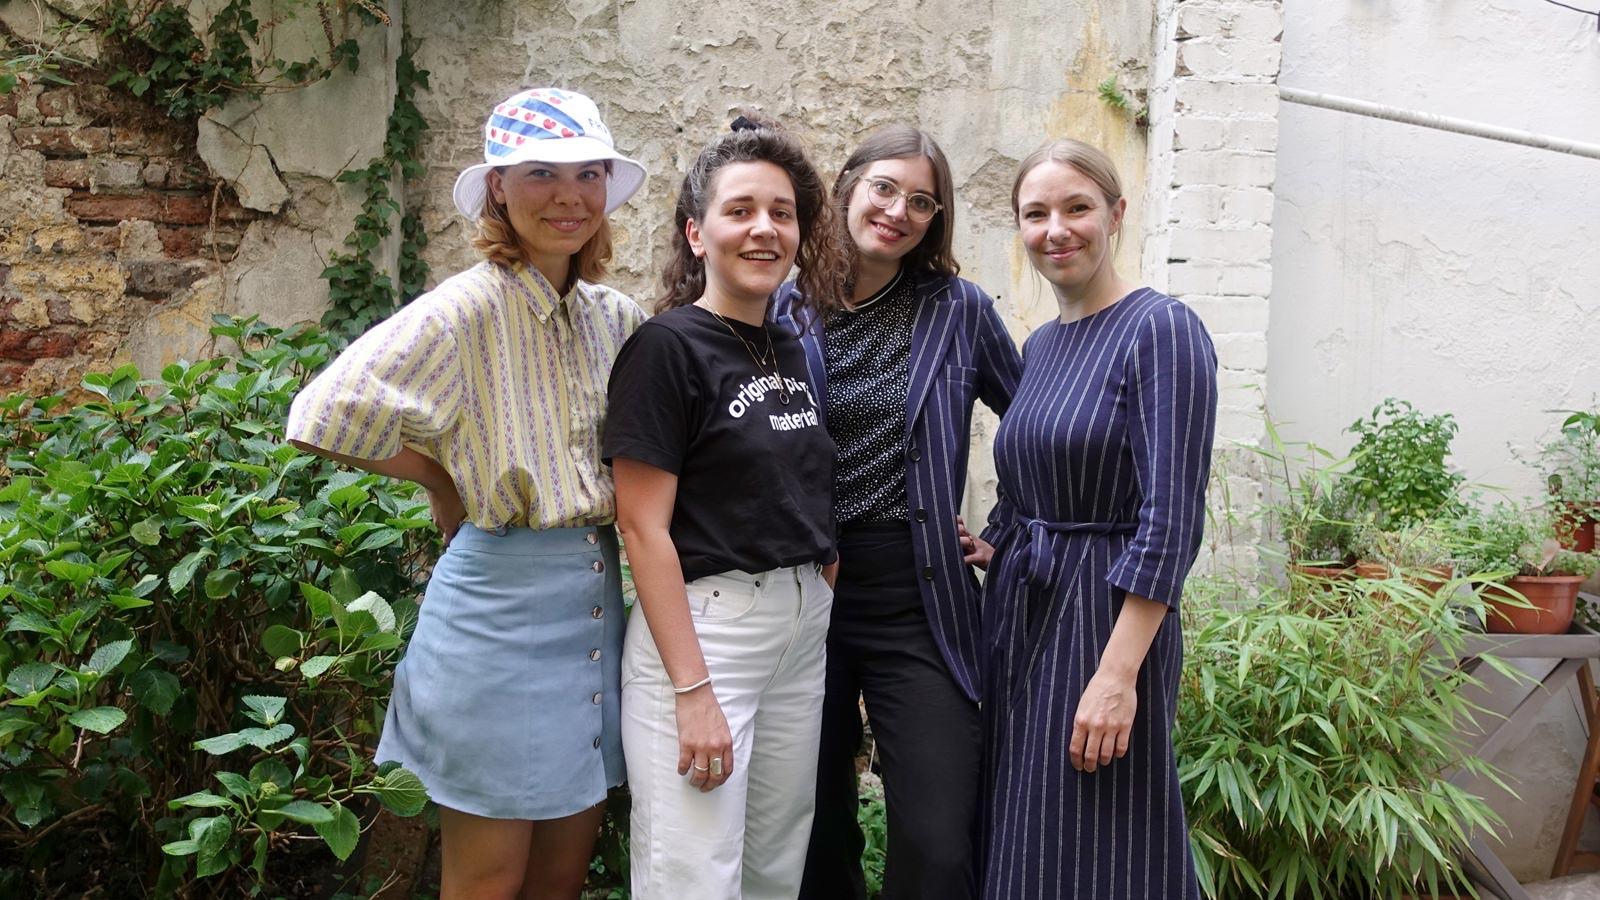 Kleiderei Radio w/ Amelie Liebst, Anna Burst, Maria Kohnen & Anna Agtas (June 2020)